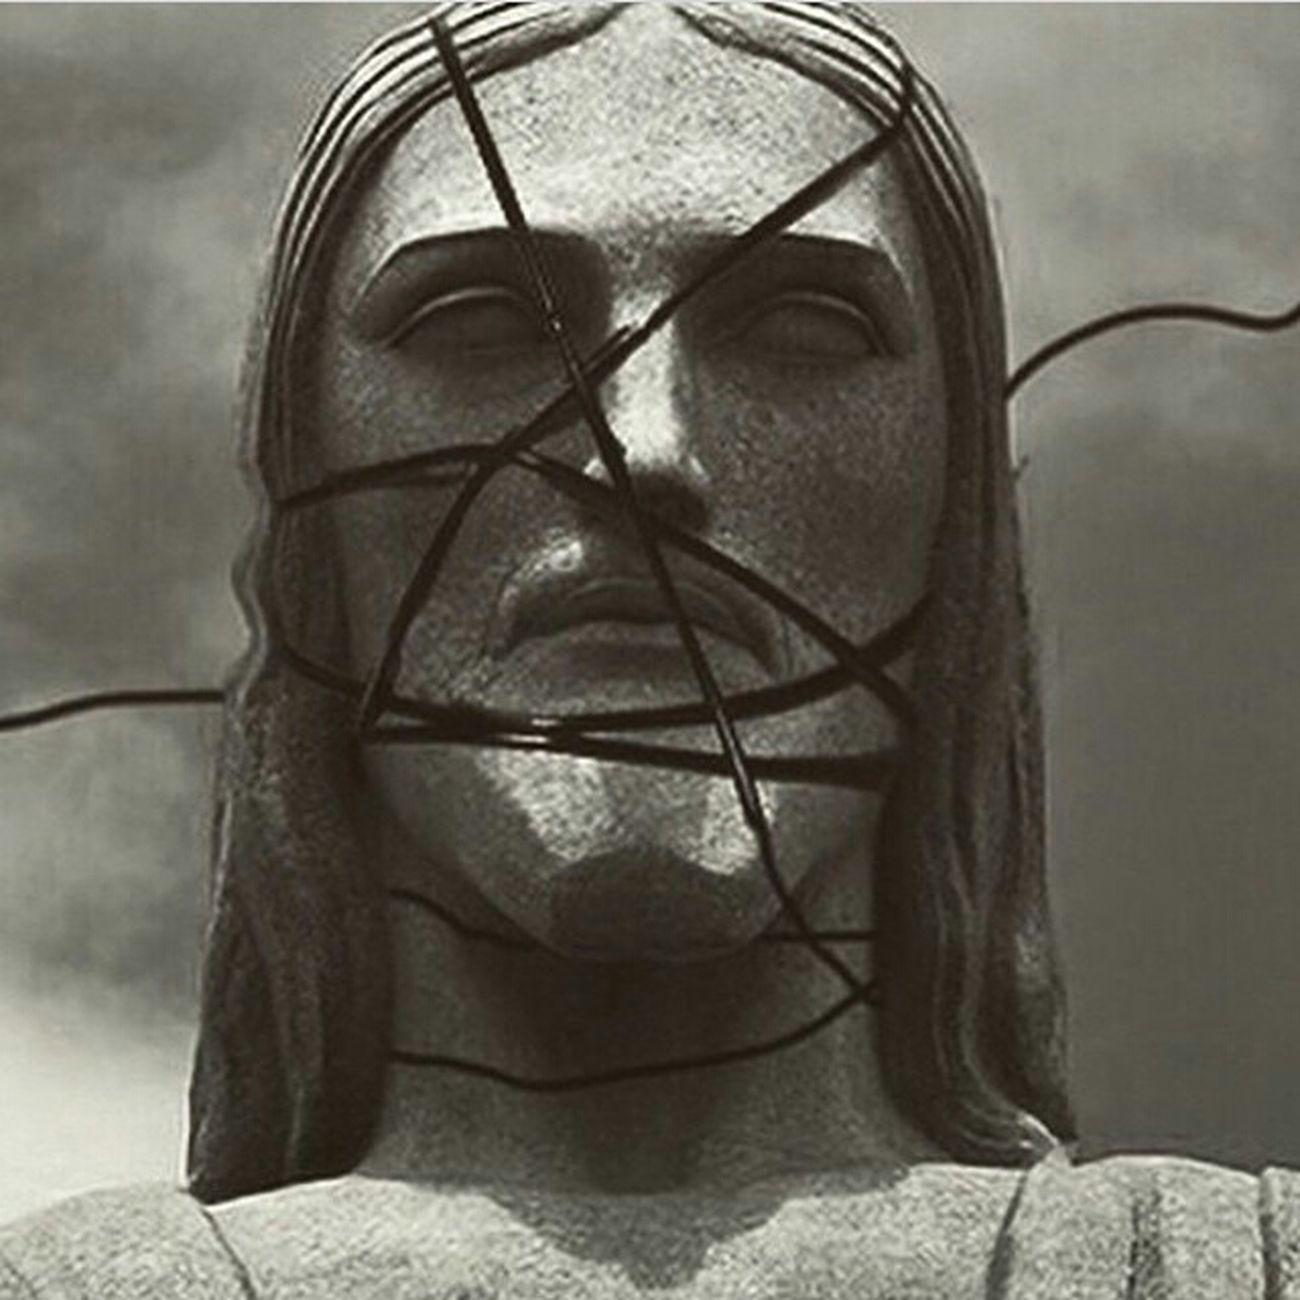 O estilista da Givenchy Riccardo Tisci postou essa foto do Cristo caracterizado como a capa do álbum RebelHeart da Madonna e marcou a cantora.